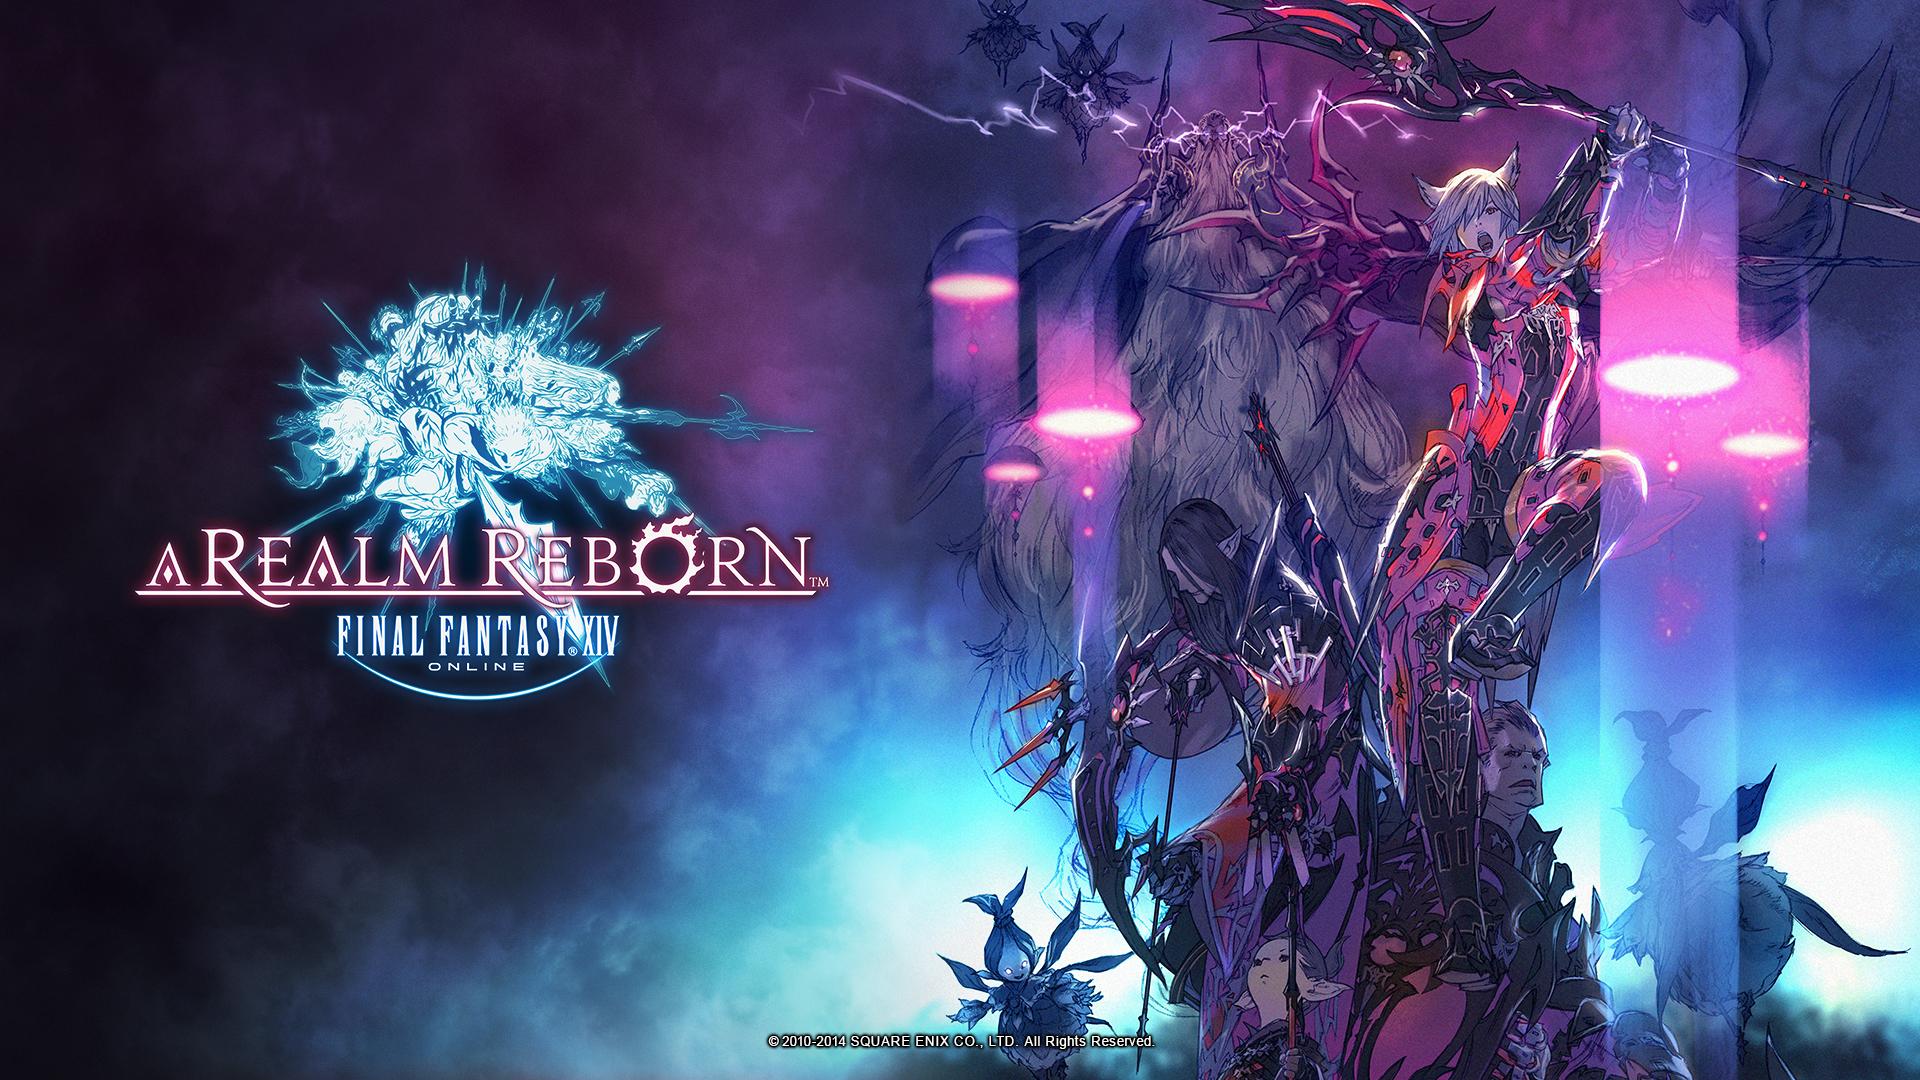 Final Fantasy Xiv A Realm Reborn Wallpaper The Final Final